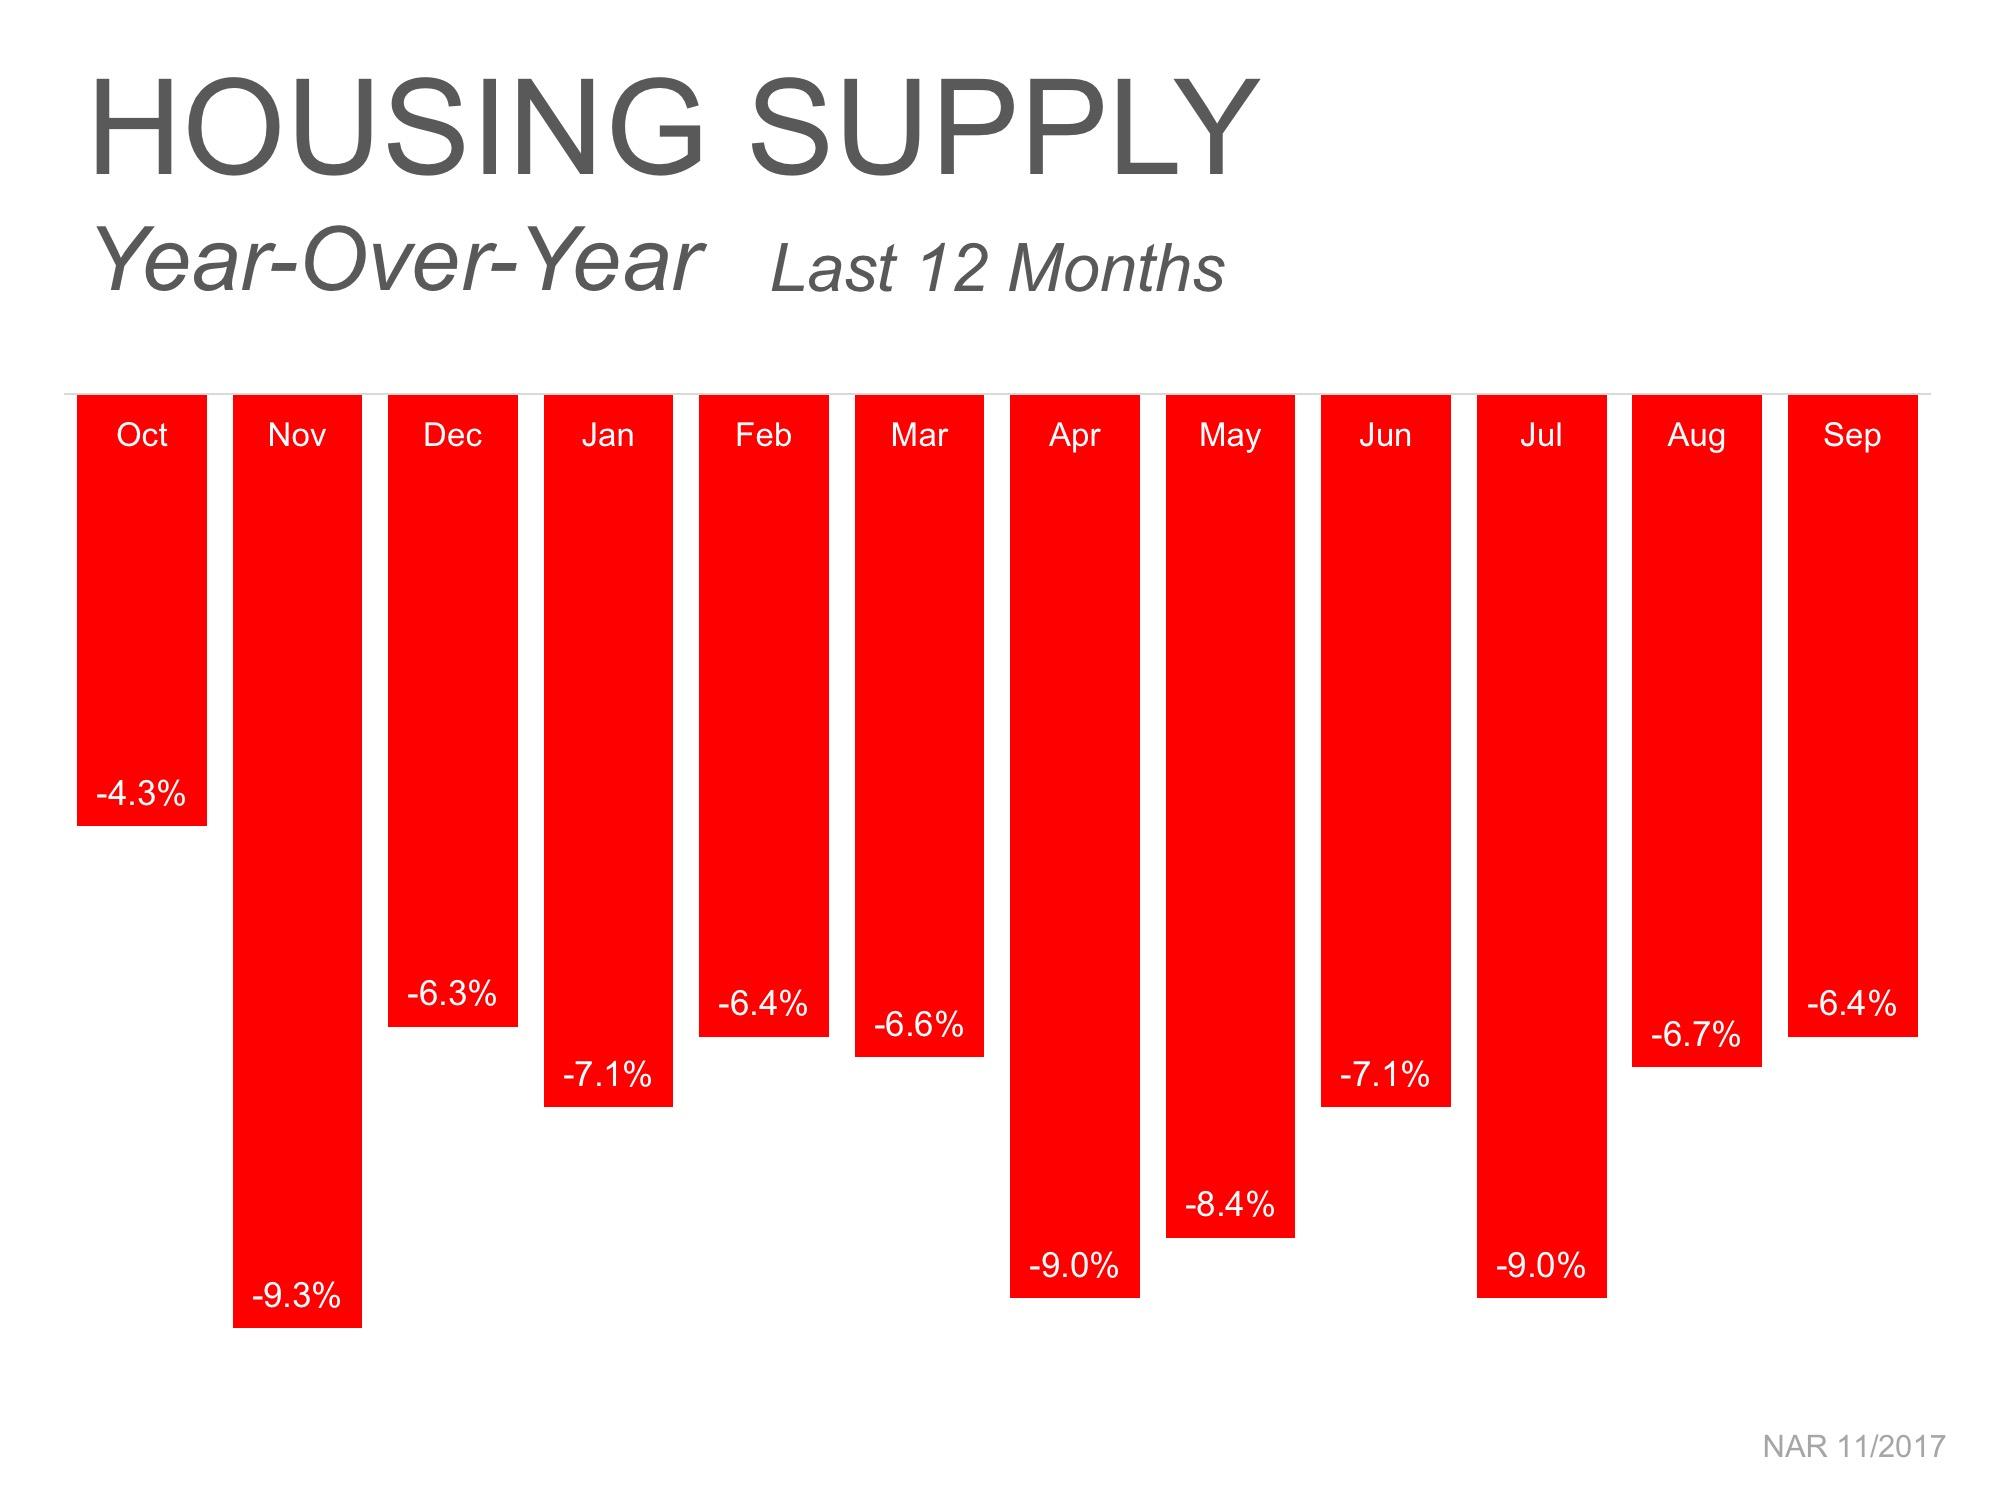 20171113-Housing-Supply-STM.jpg